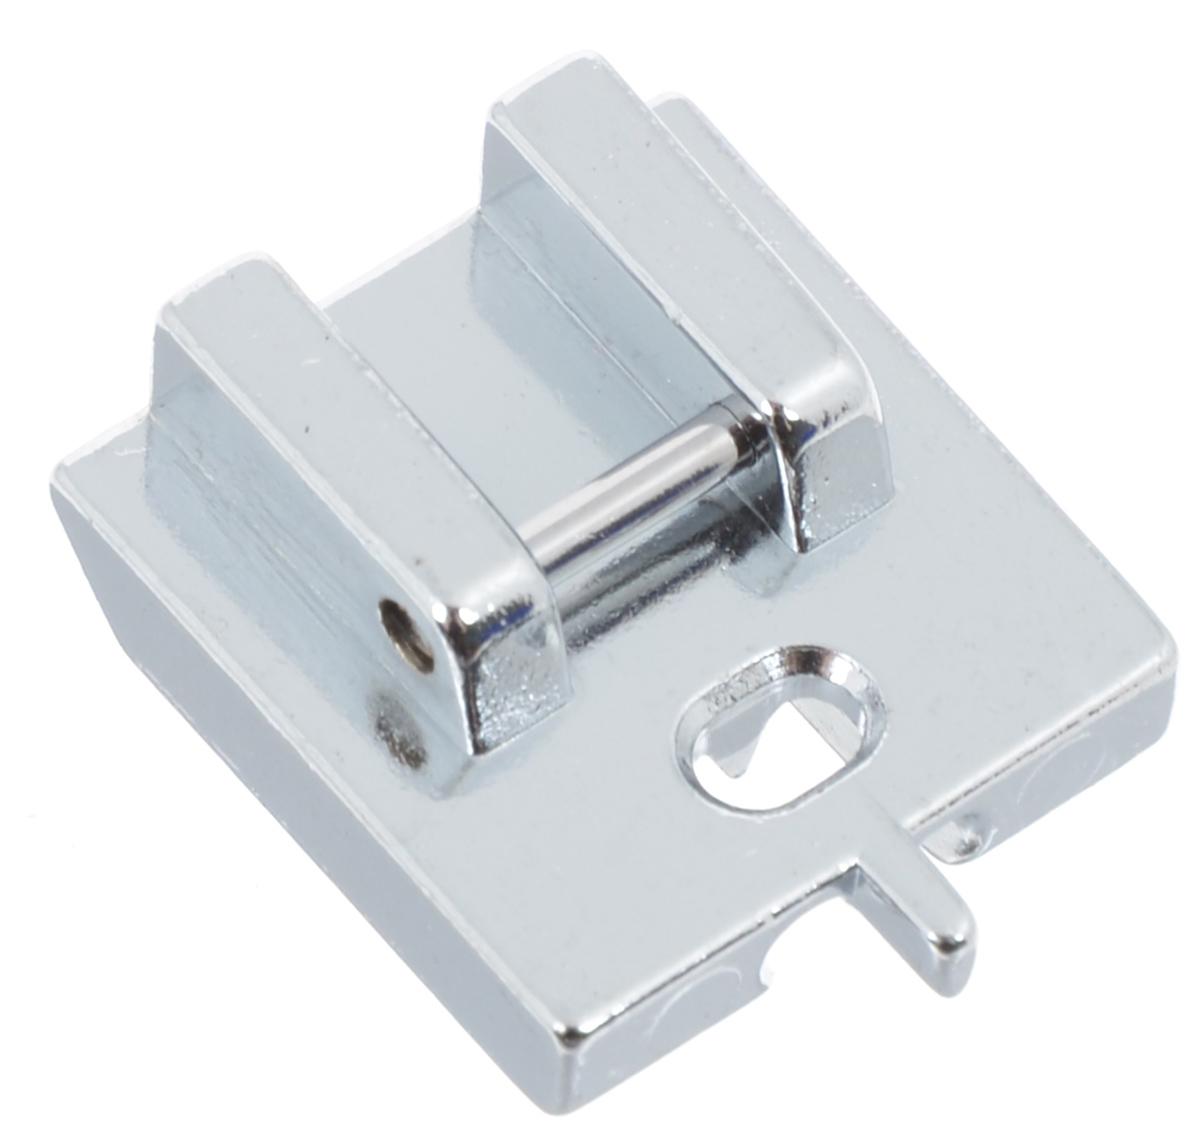 Лапка для швейной машины Aurora, для потайной молнии, с направляющейAU-155Лапка для швейной машины Aurora используется для вшивания потайной молнии. Направитель в передней части лапки помогает надежно зафиксировать молнию, предотвращает смещение зубцов в процессе пришивания застежки-молнии. Лапка подходит для большинства современных бытовых швейных машин. Инструкция по использованию прилагается.